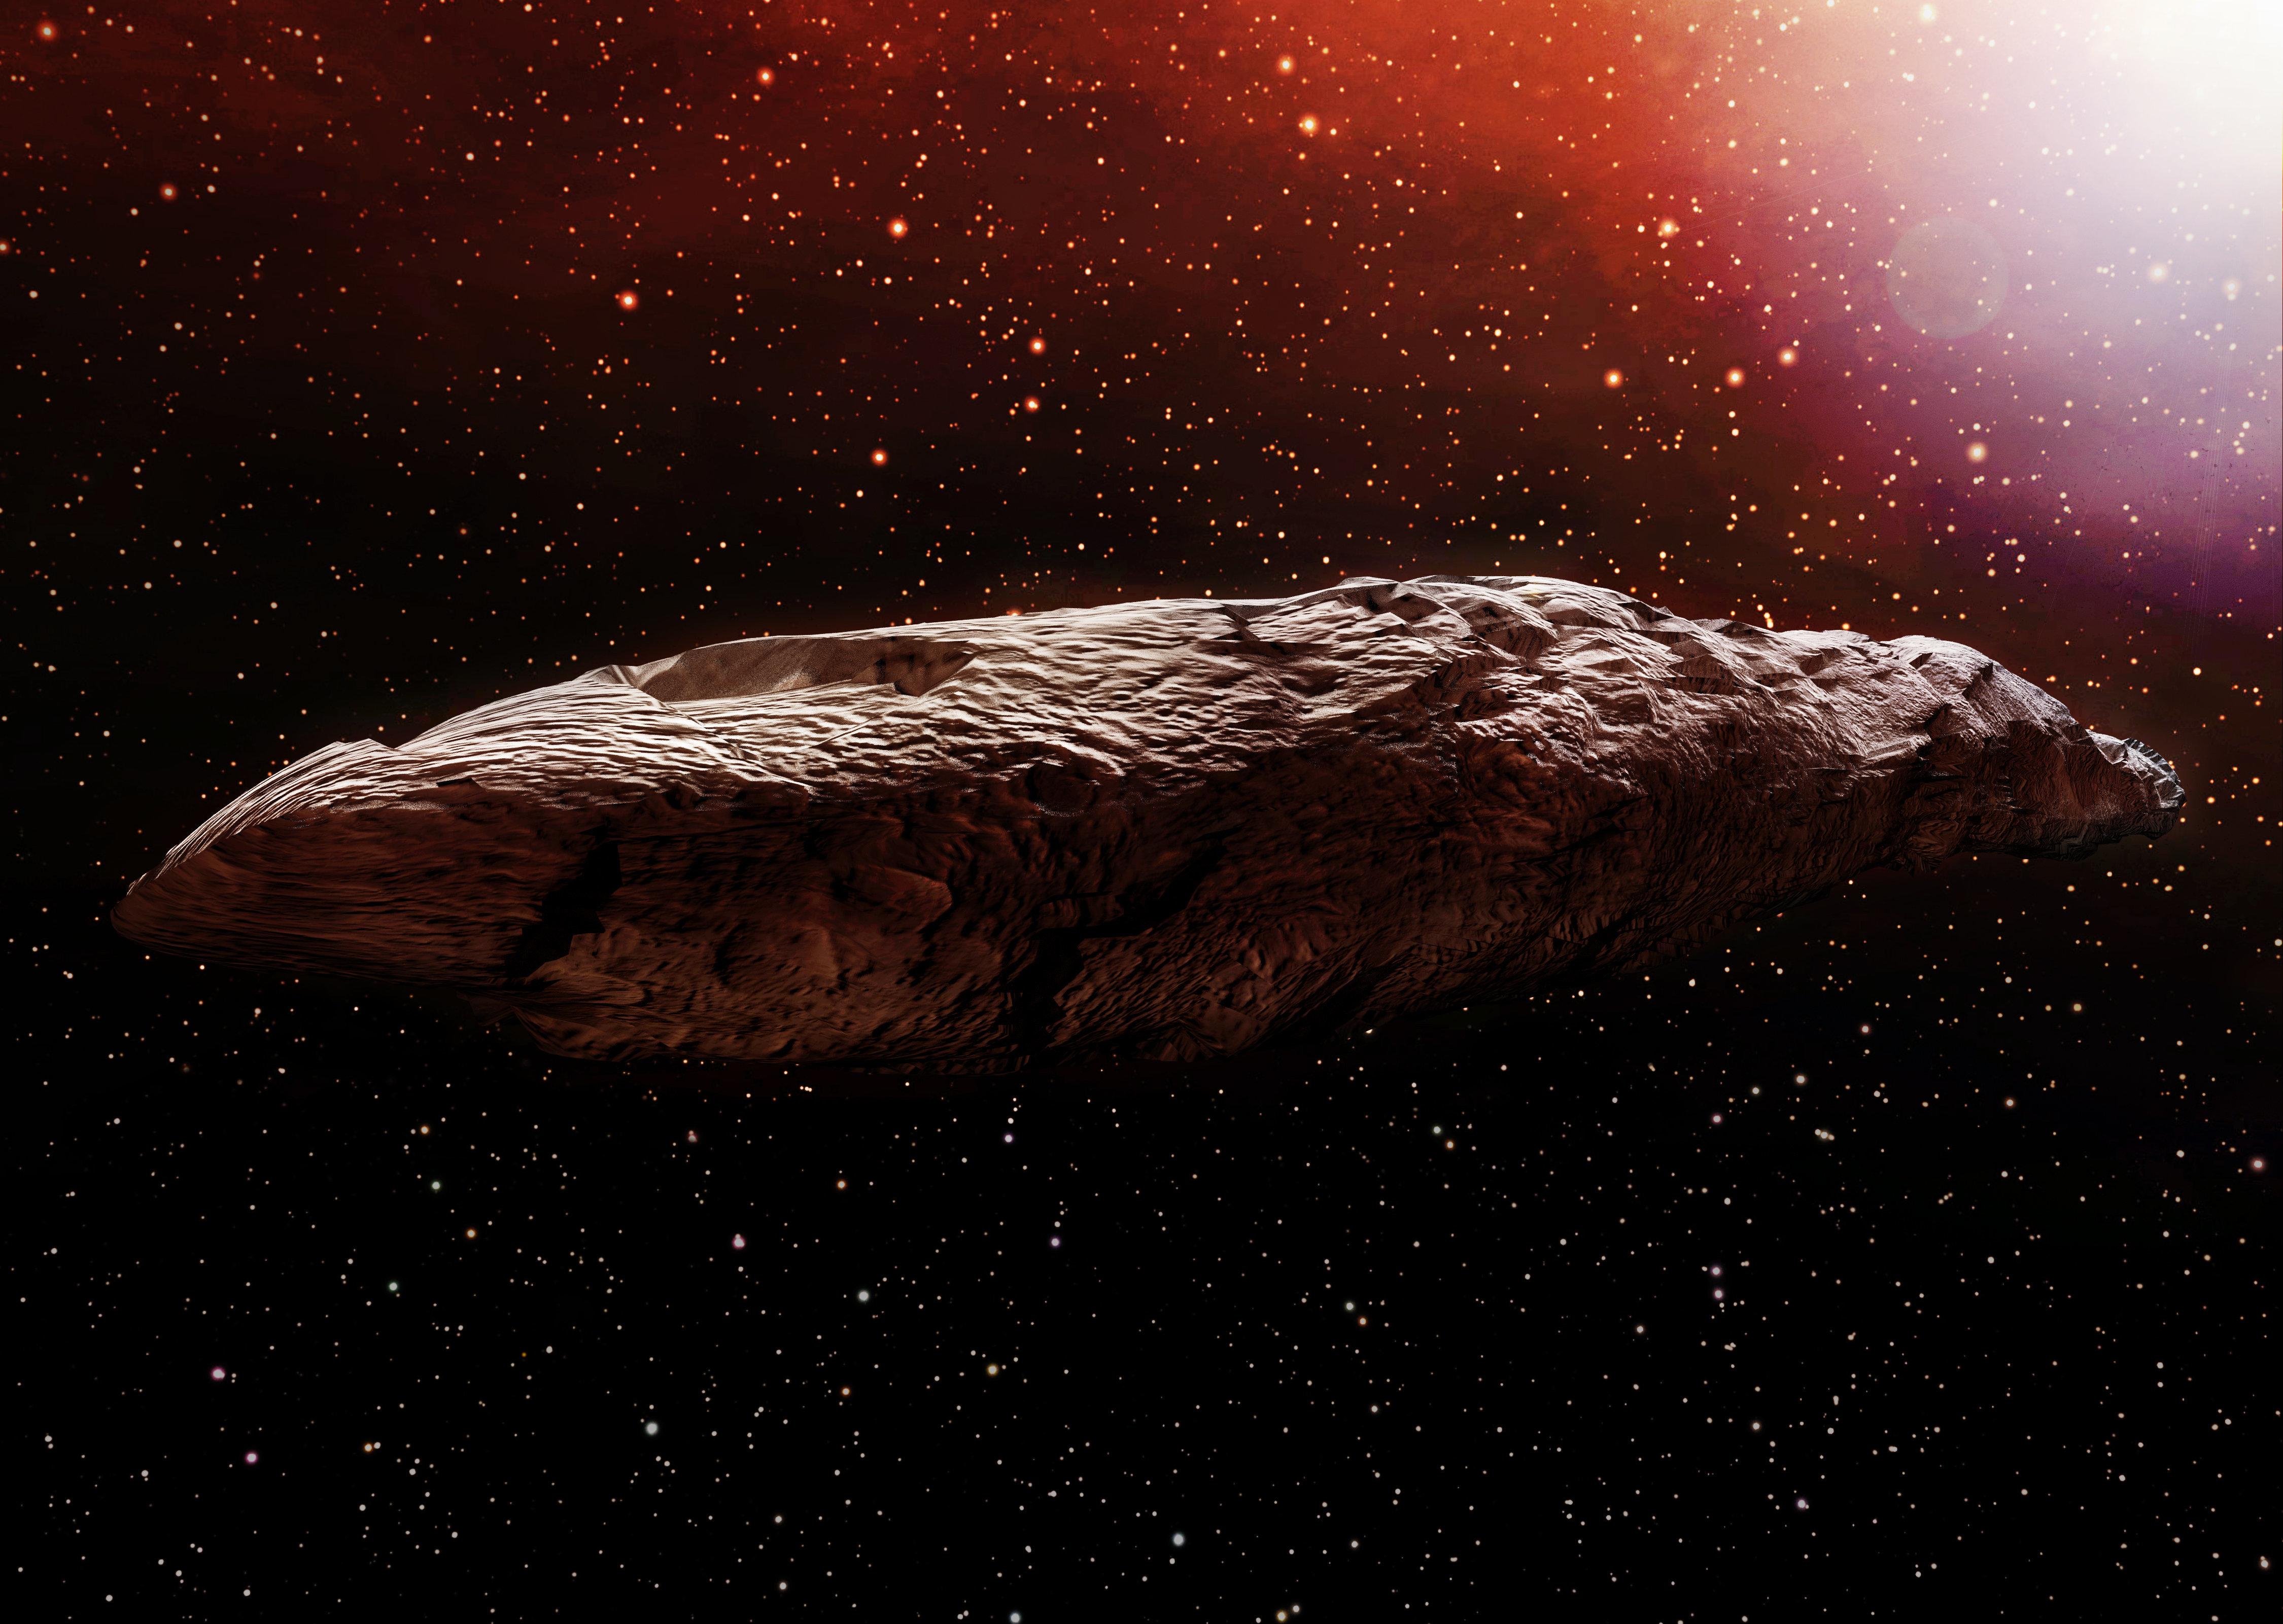 Ουμουαμούα: Αστρονόμος του Χάρβαρντ λέει ότι είναι εξωγήινο